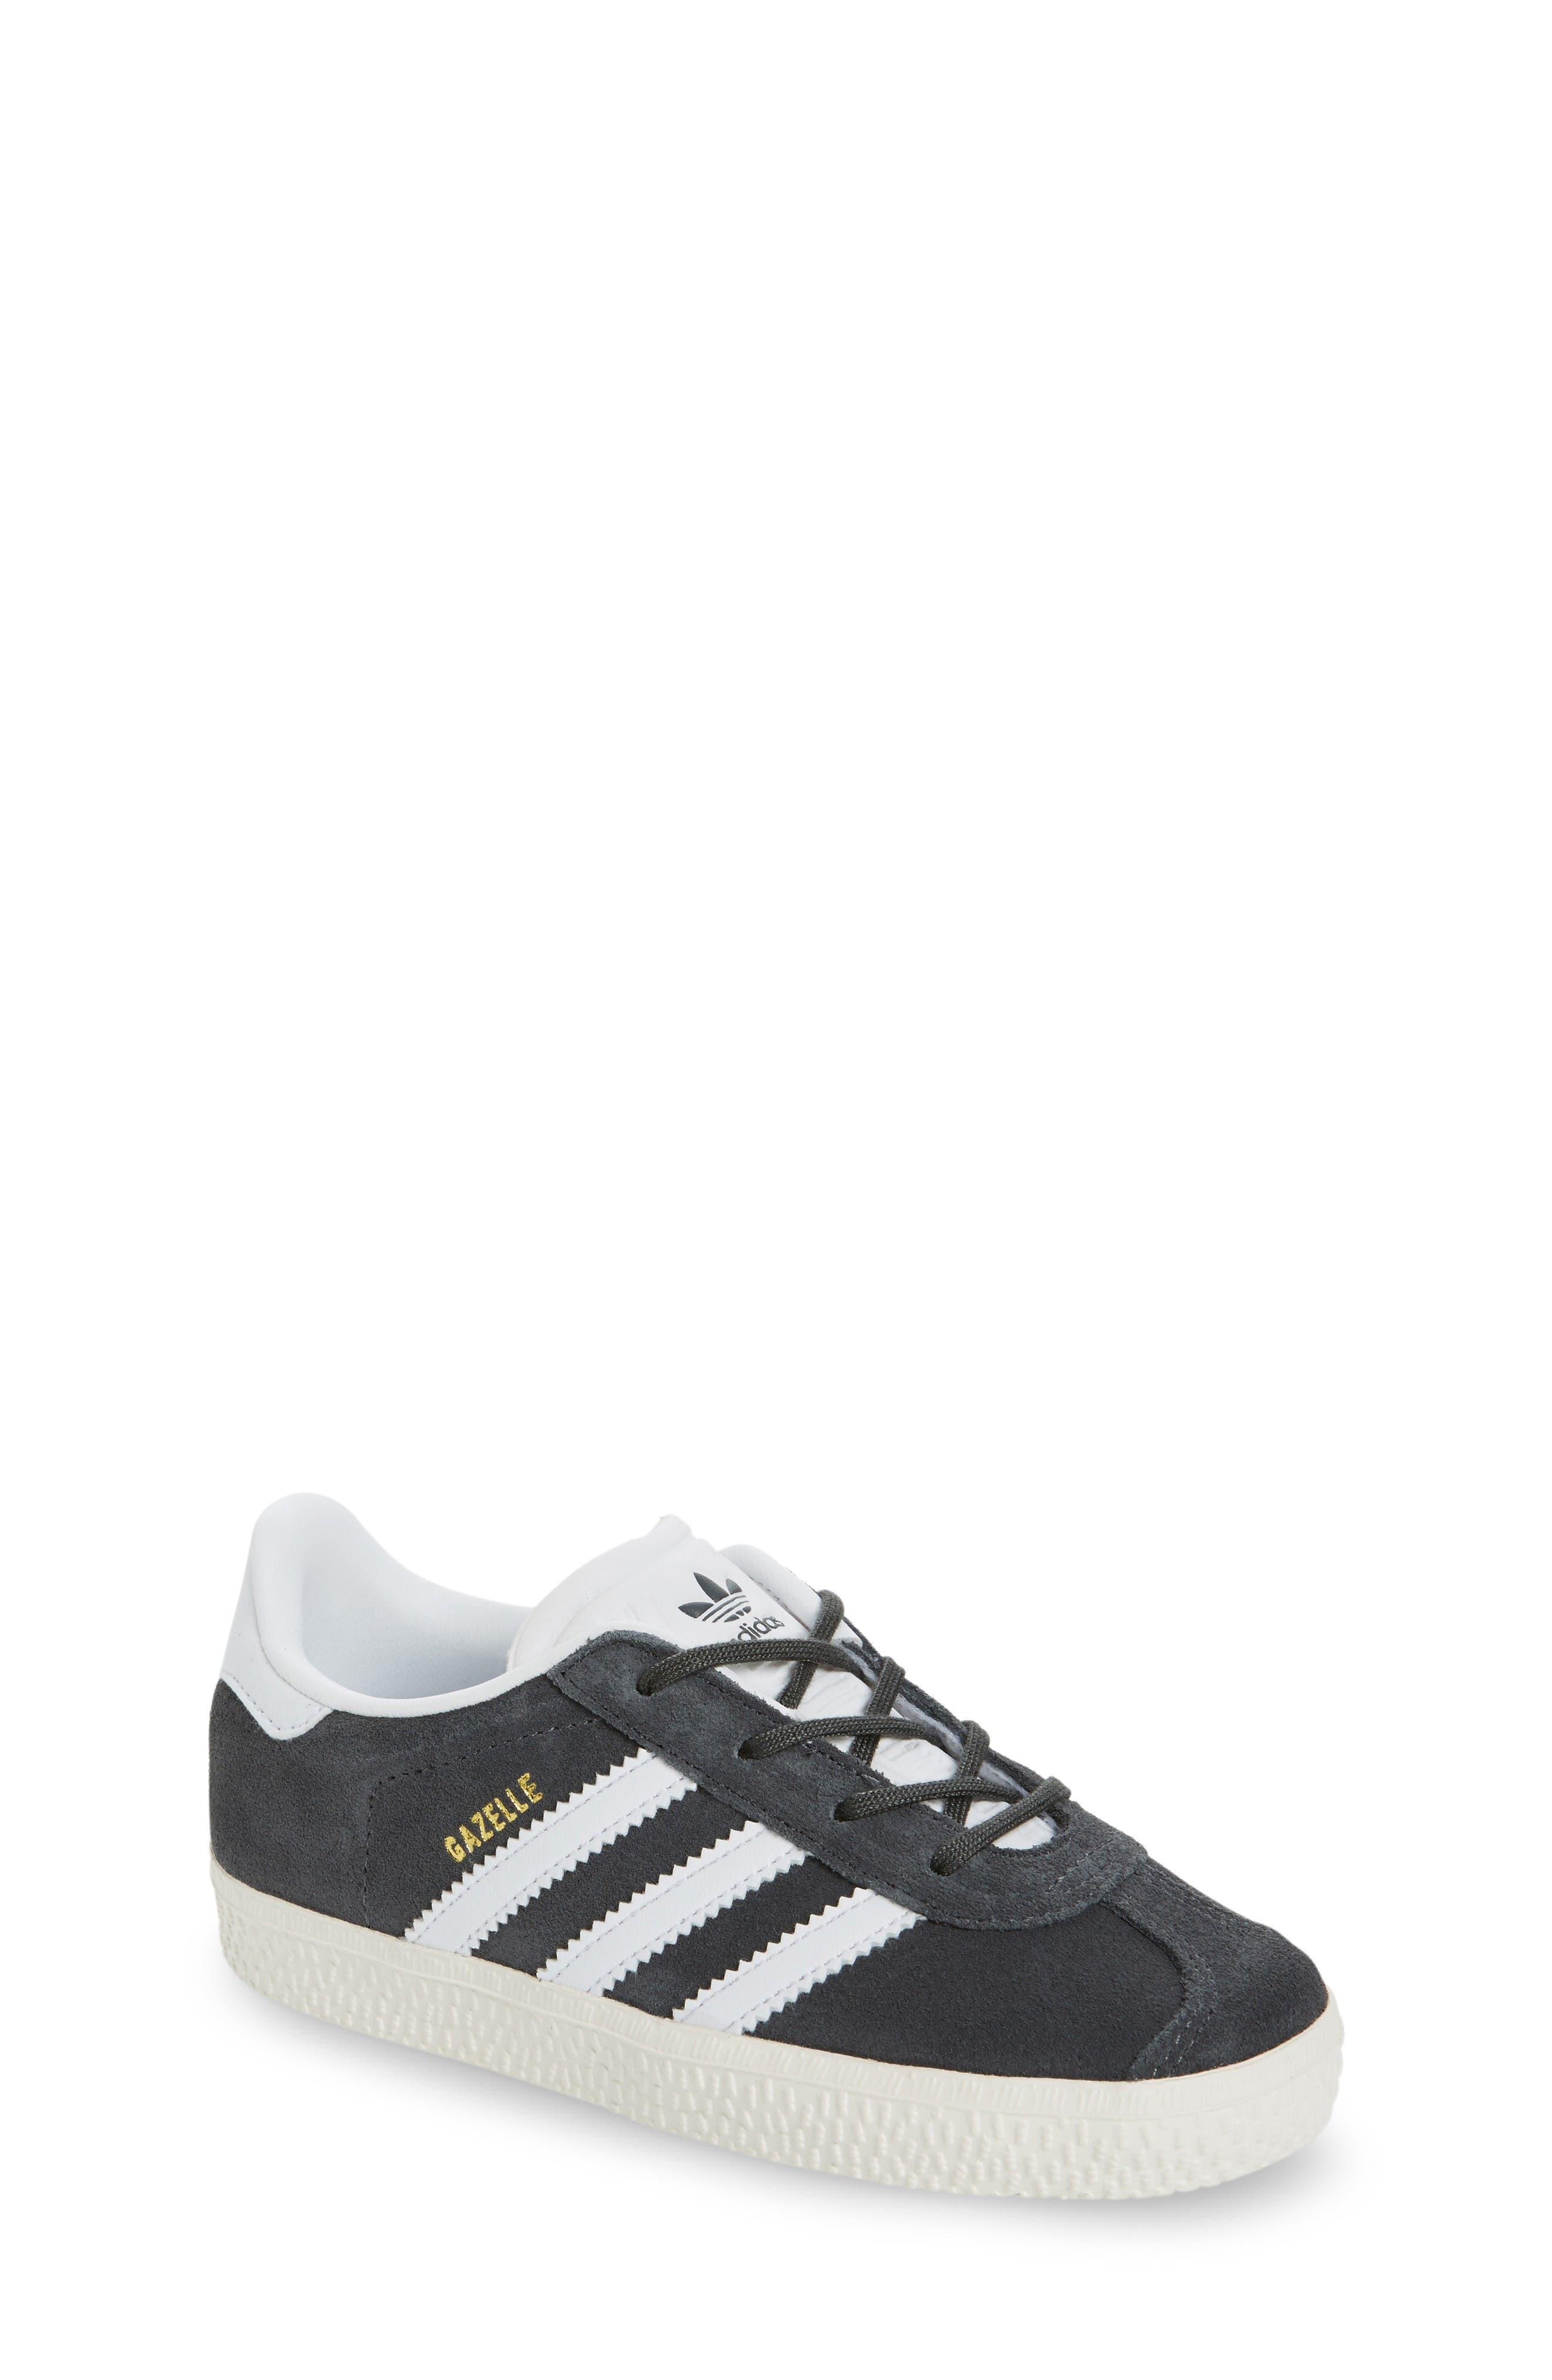 Main Image - adidas Gazelle Sneaker (Baby, Walker & Toddler)